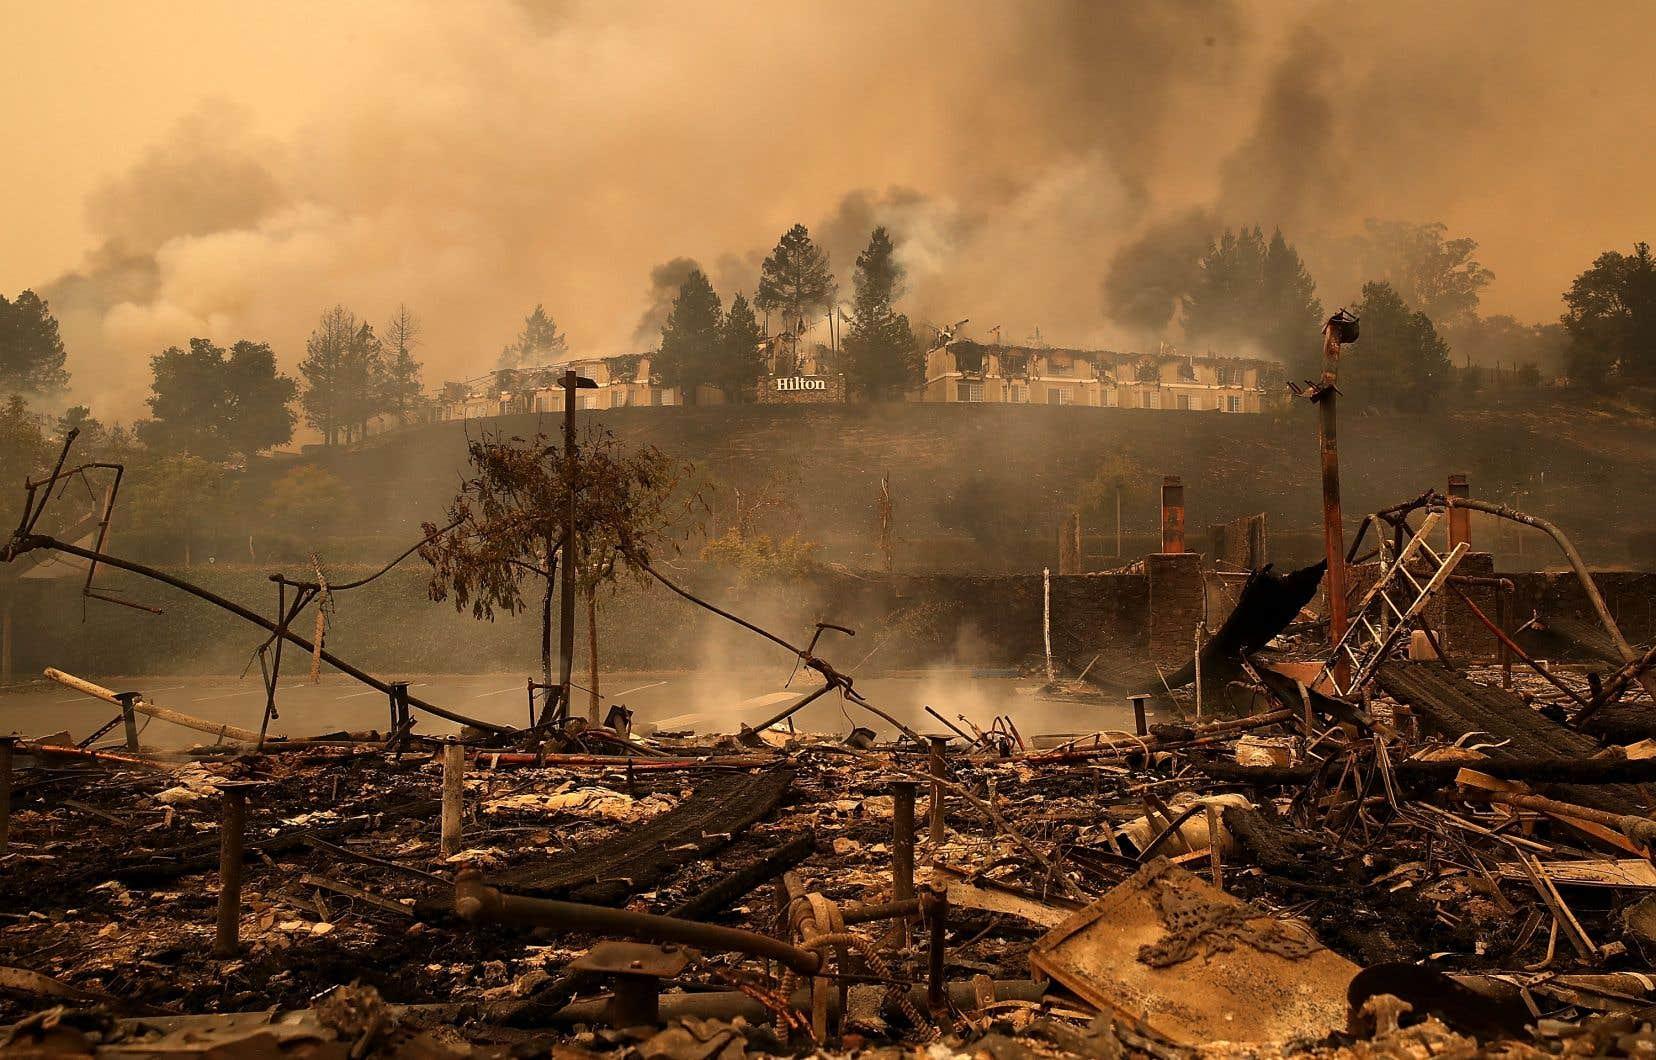 Selon les autorités, l'incendie aurait réduit en cendres 41 kilomètres carrés de superficie.